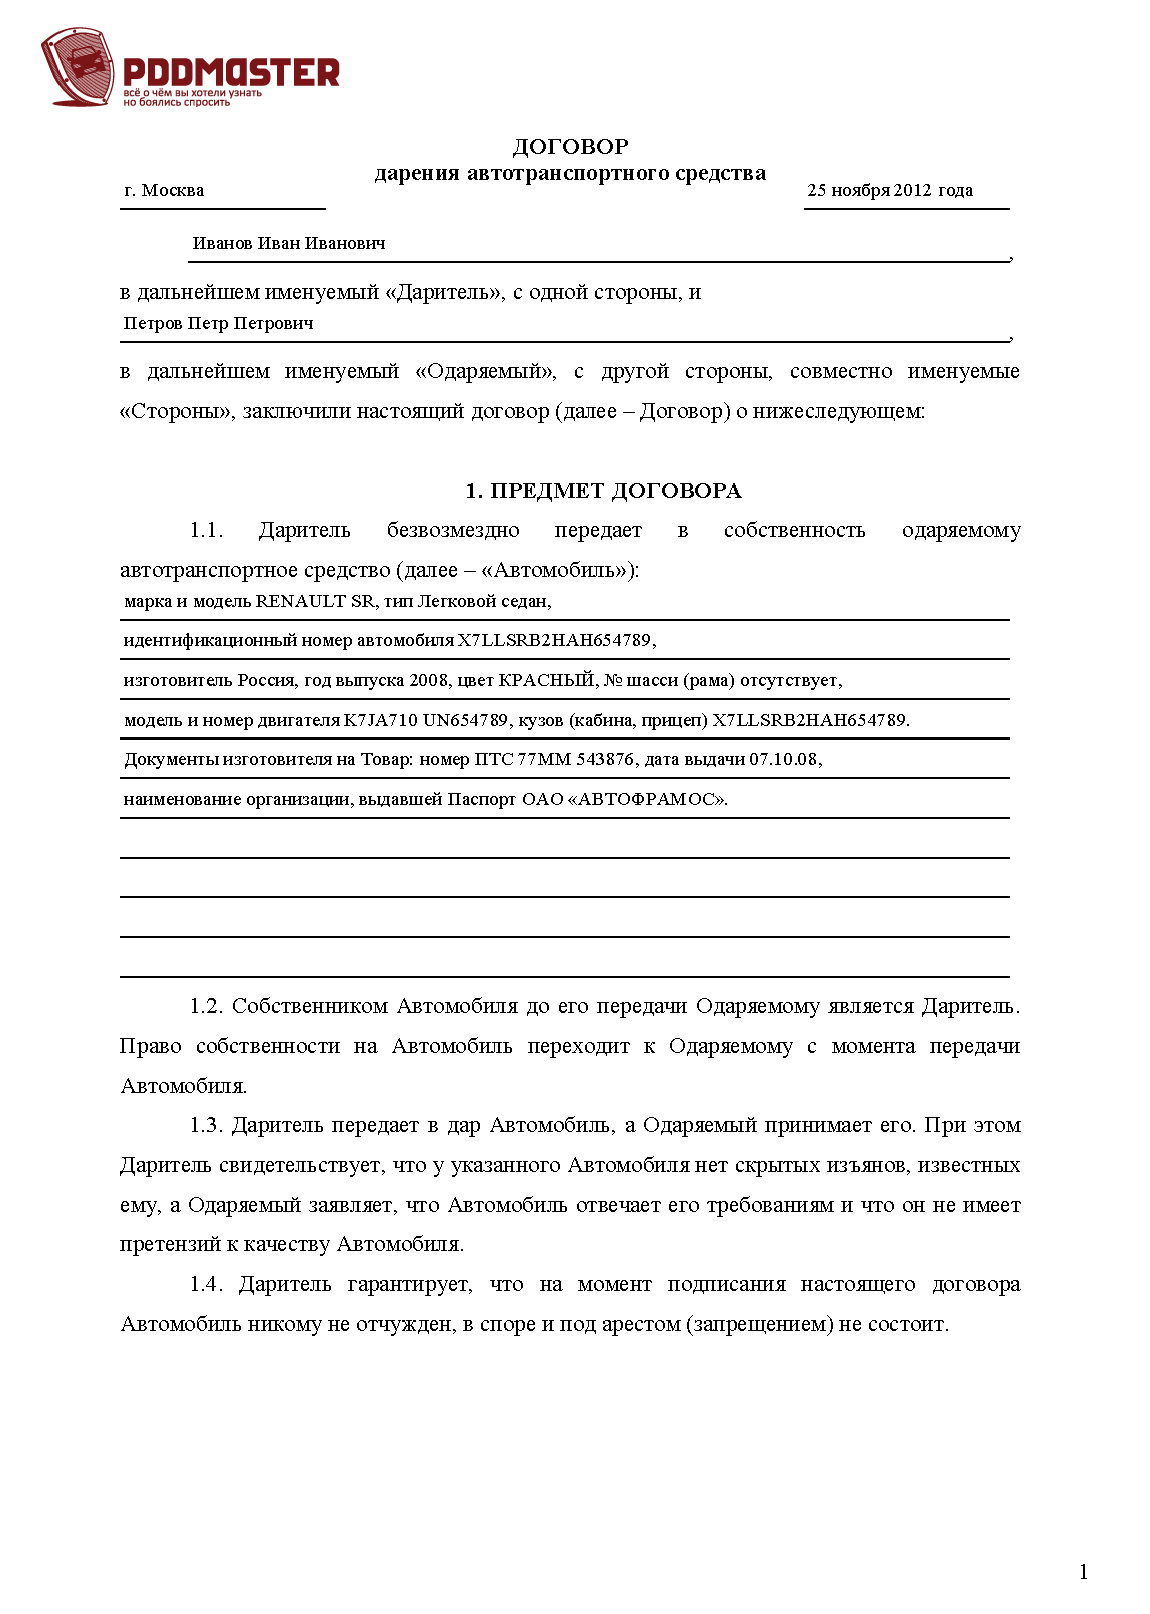 Налоговый вычет на недвижимость перечень документов